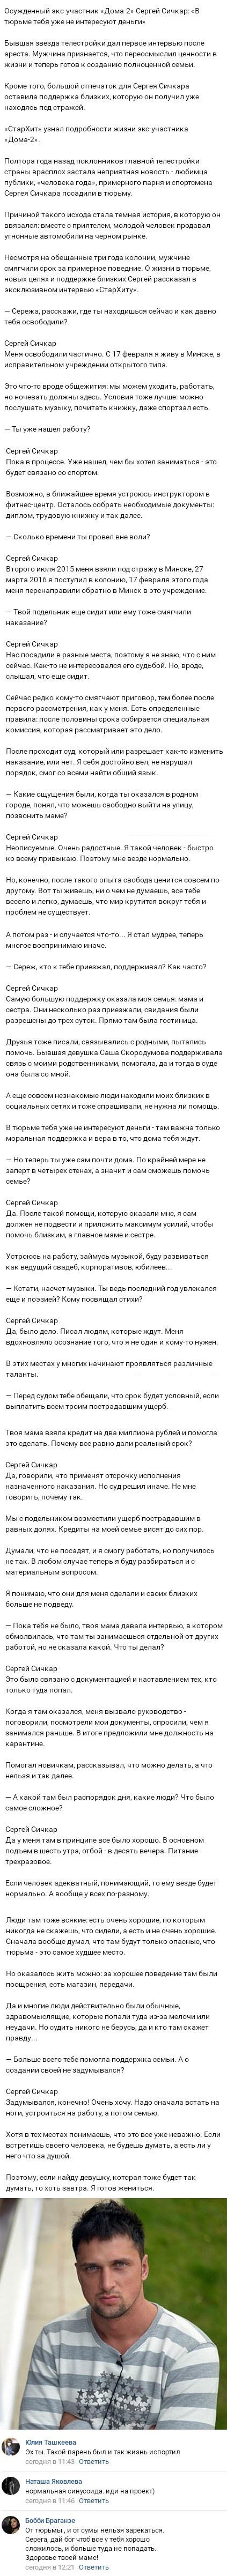 Сергей Сичкар дал откровенное интервью после выхода на свободу